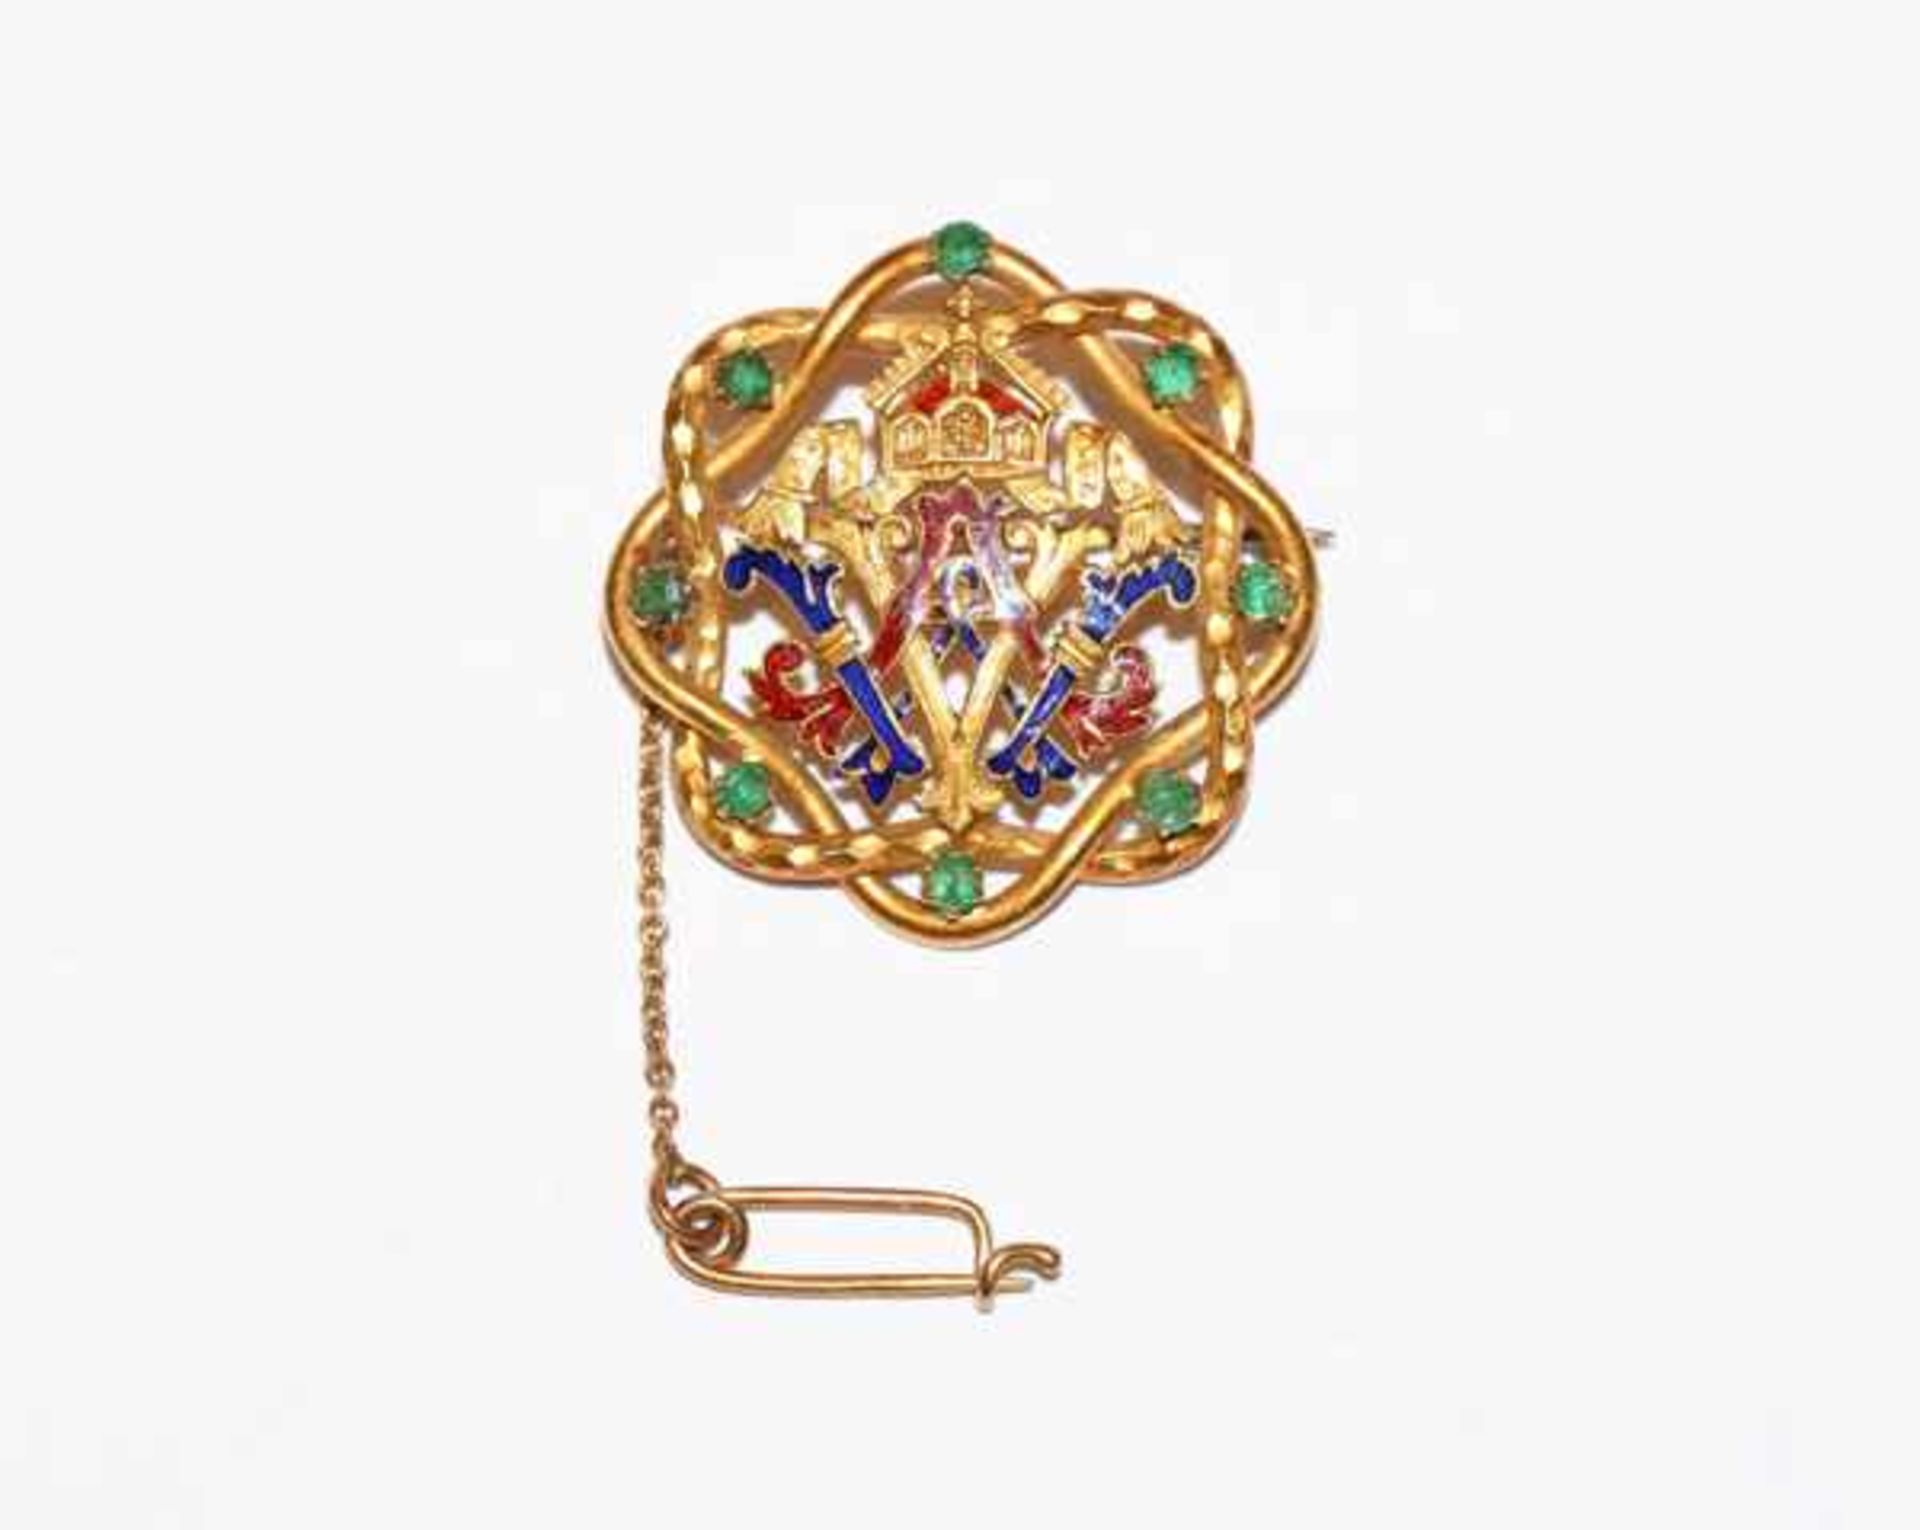 Los 77 - Dekorative 14 k Gelbgold Brosche 'Kaiserbrosche', teils blau/rot emailliert und mit 8 Smaragden